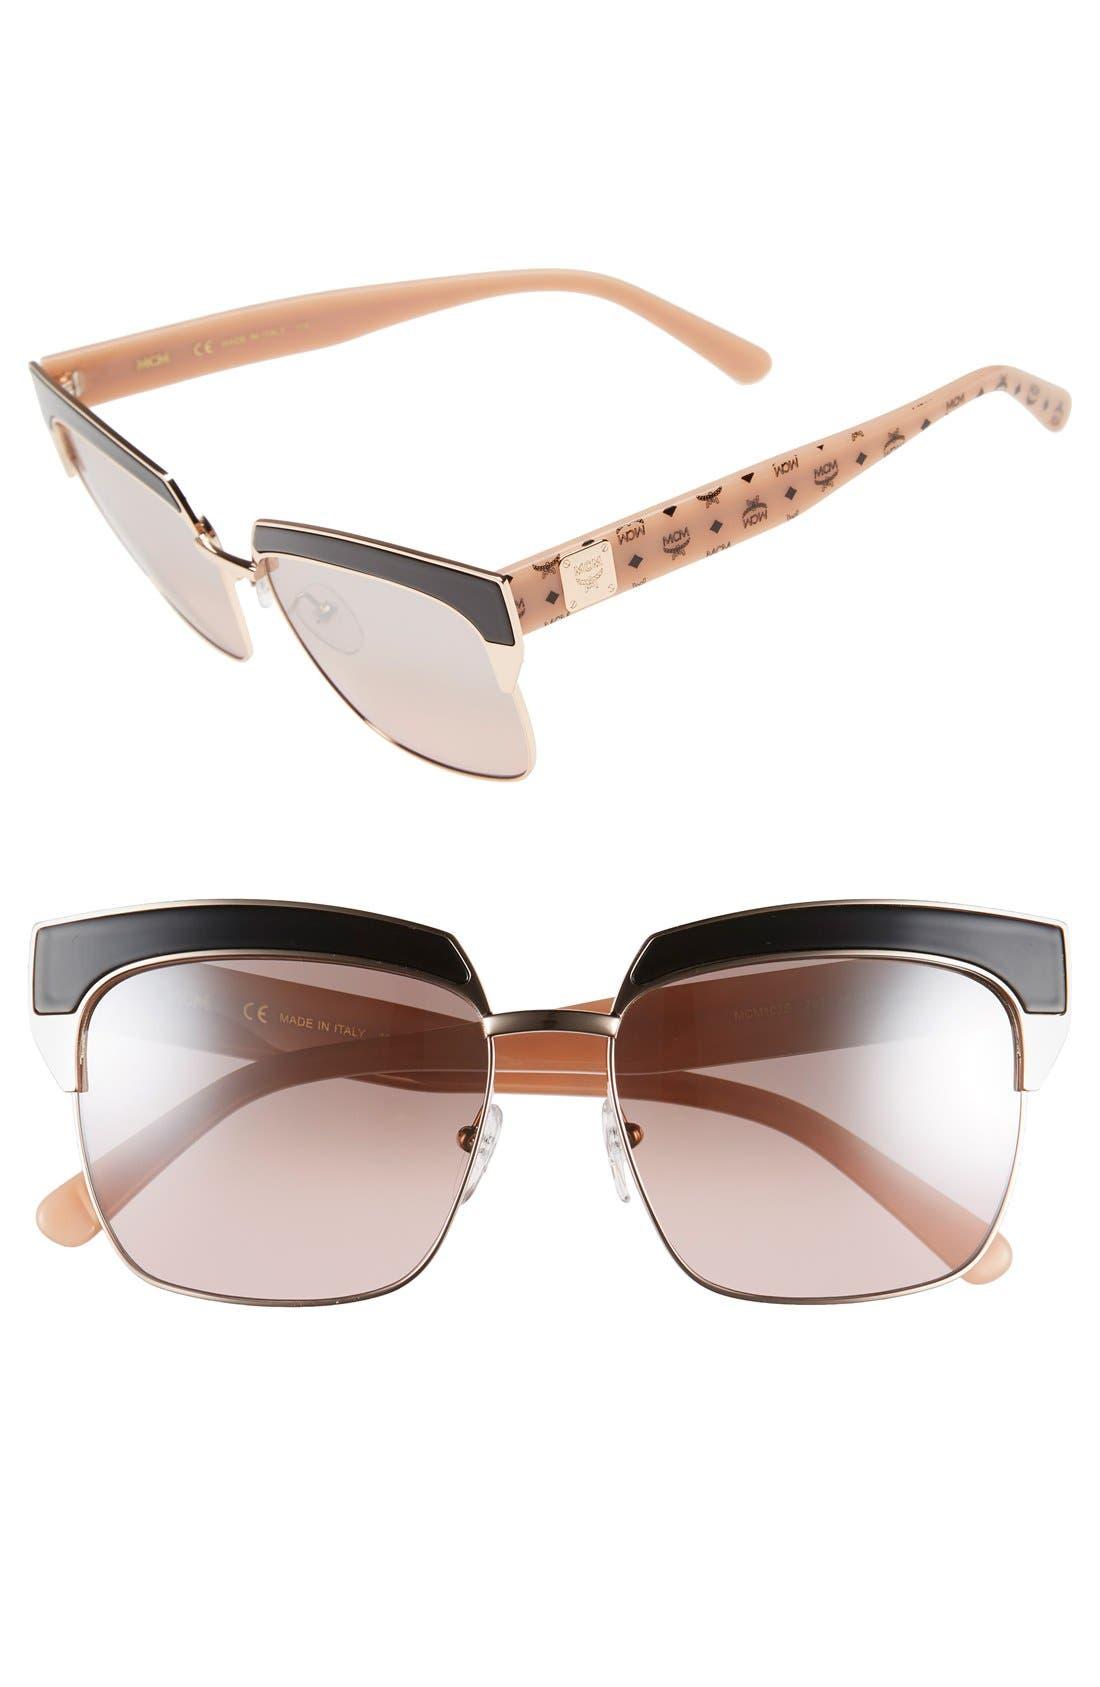 Main Image - MCM 'Visetos' 56mm Retro Sunglasses